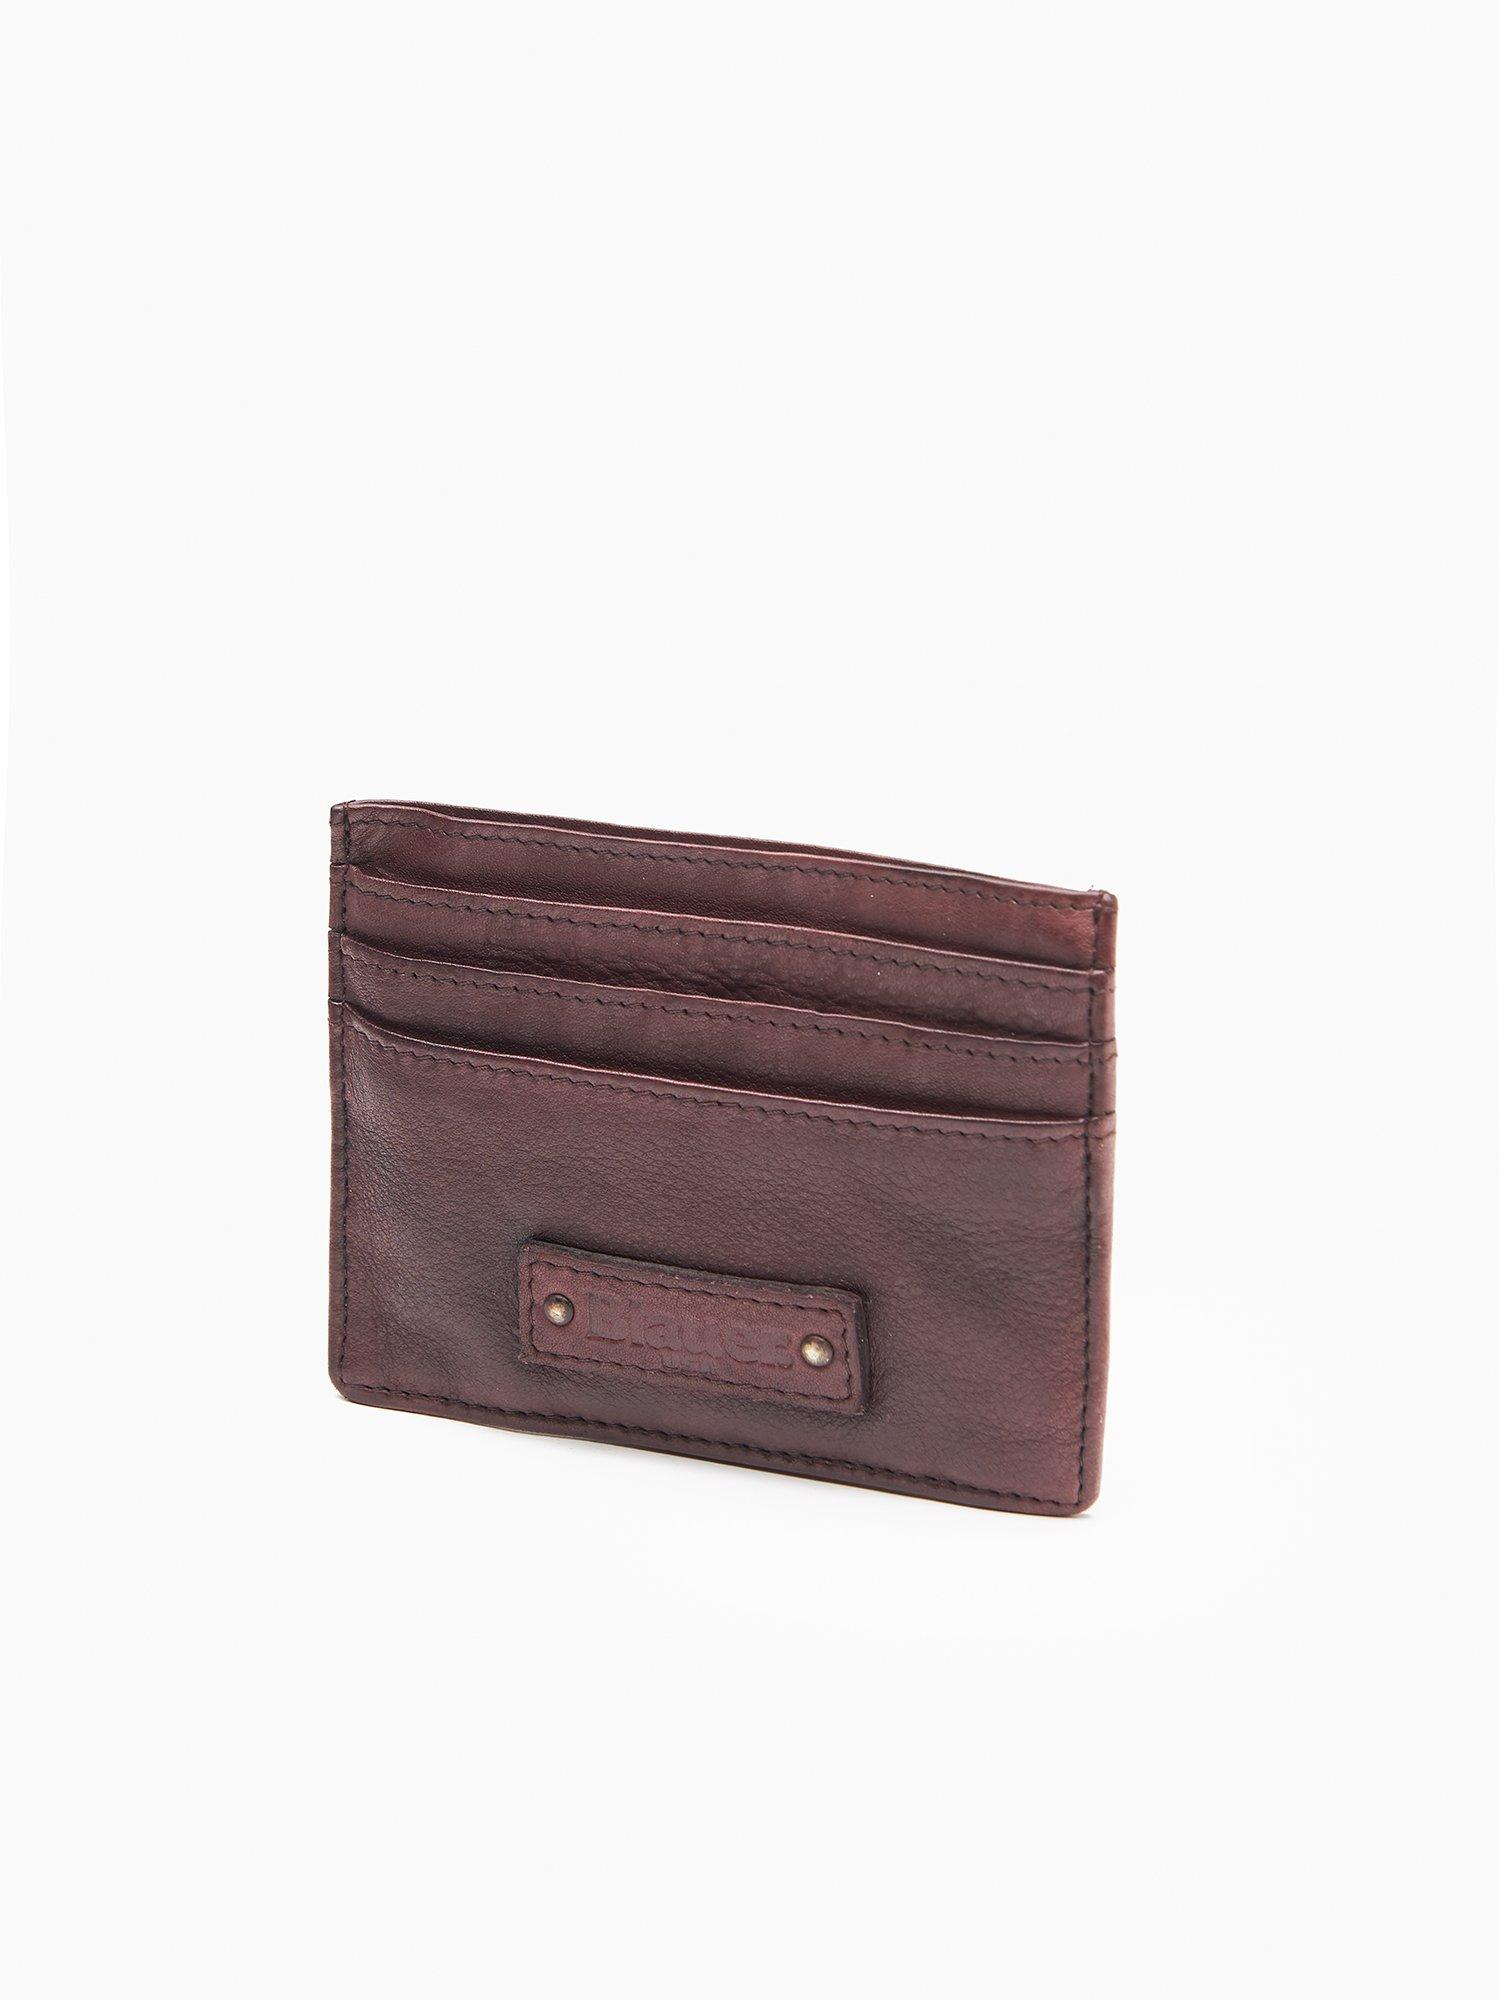 Blauer - RIVY CREDIT CARD HOLDER - chestnut brown - Blauer